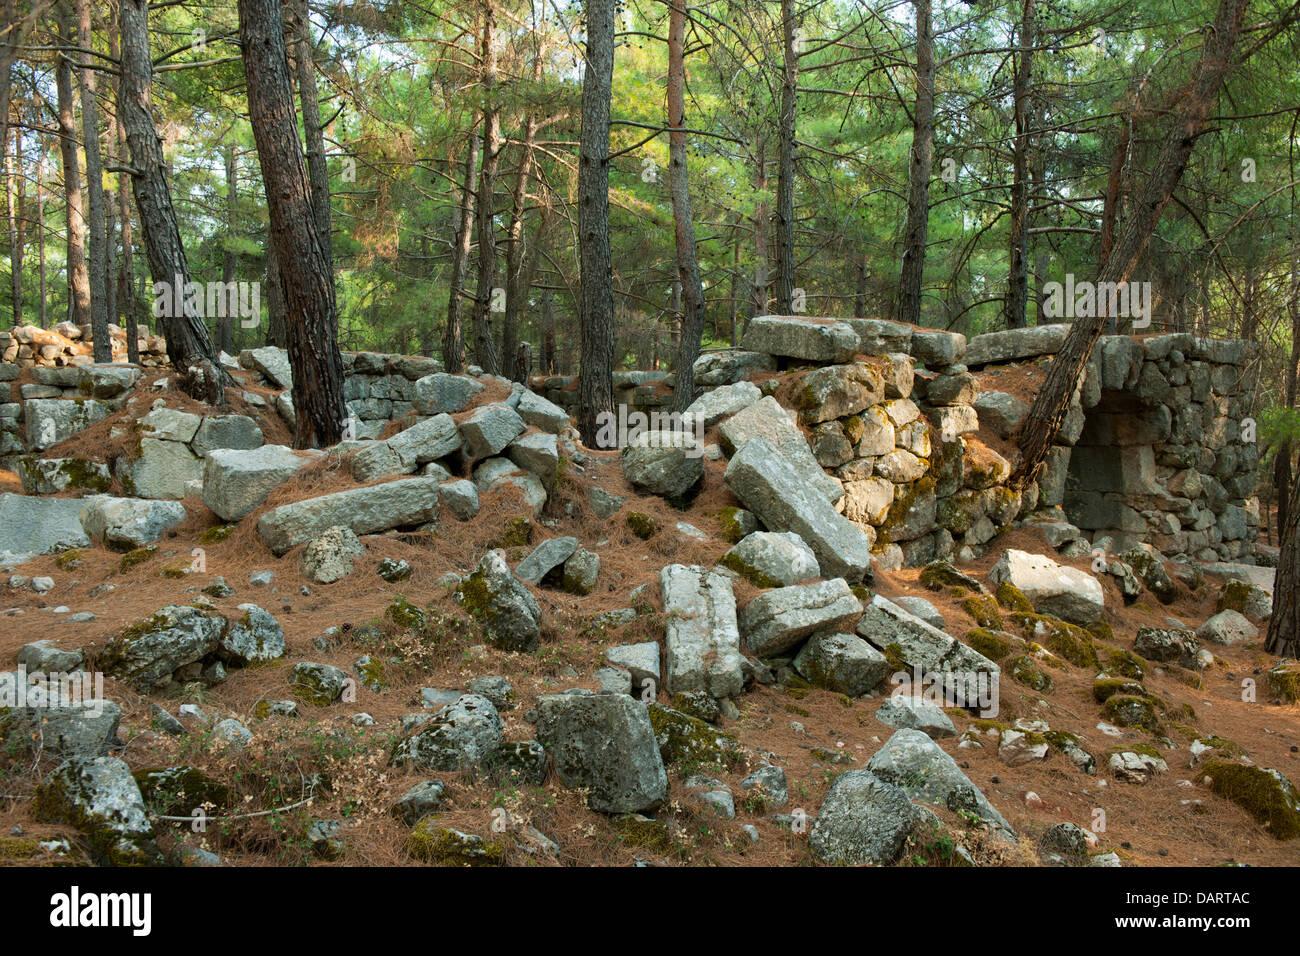 Asien, Türkei, Provinz Mugla, Ausgrabung von Cadianda nördlich von Fethiye - Stock Image